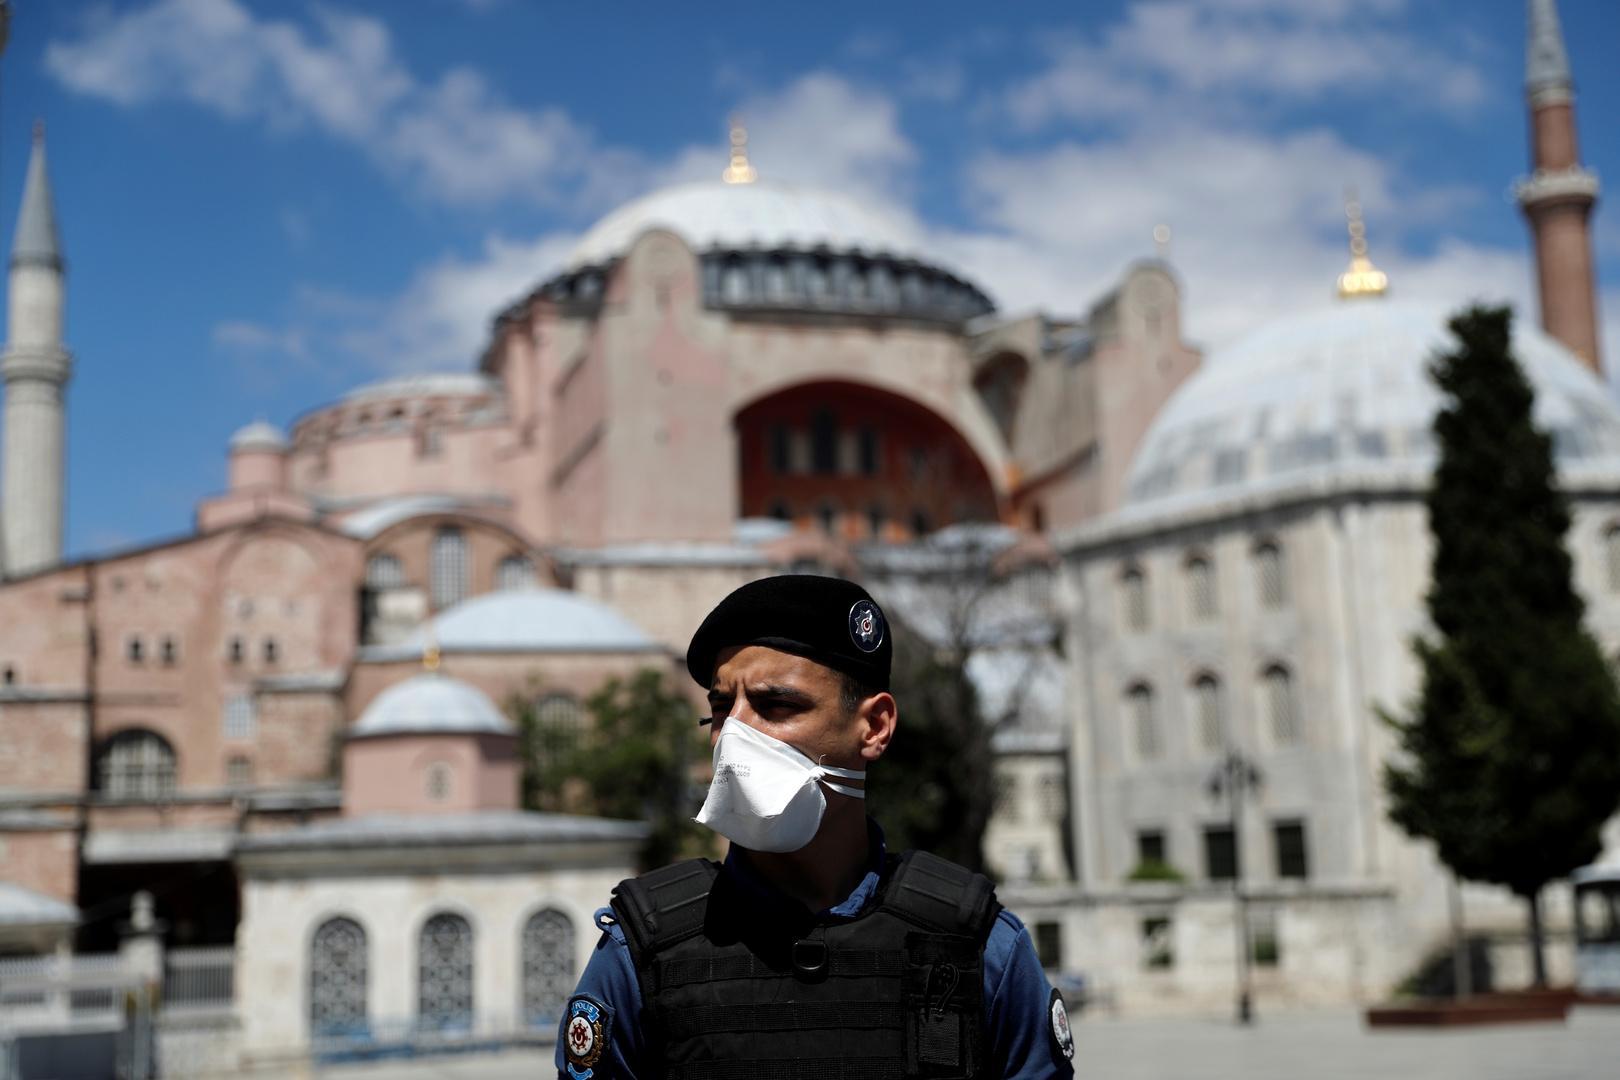 أنقرة للاتحاد الأوروبي: تحديد وضع آيا صوفيا حق سيادي لتركيا